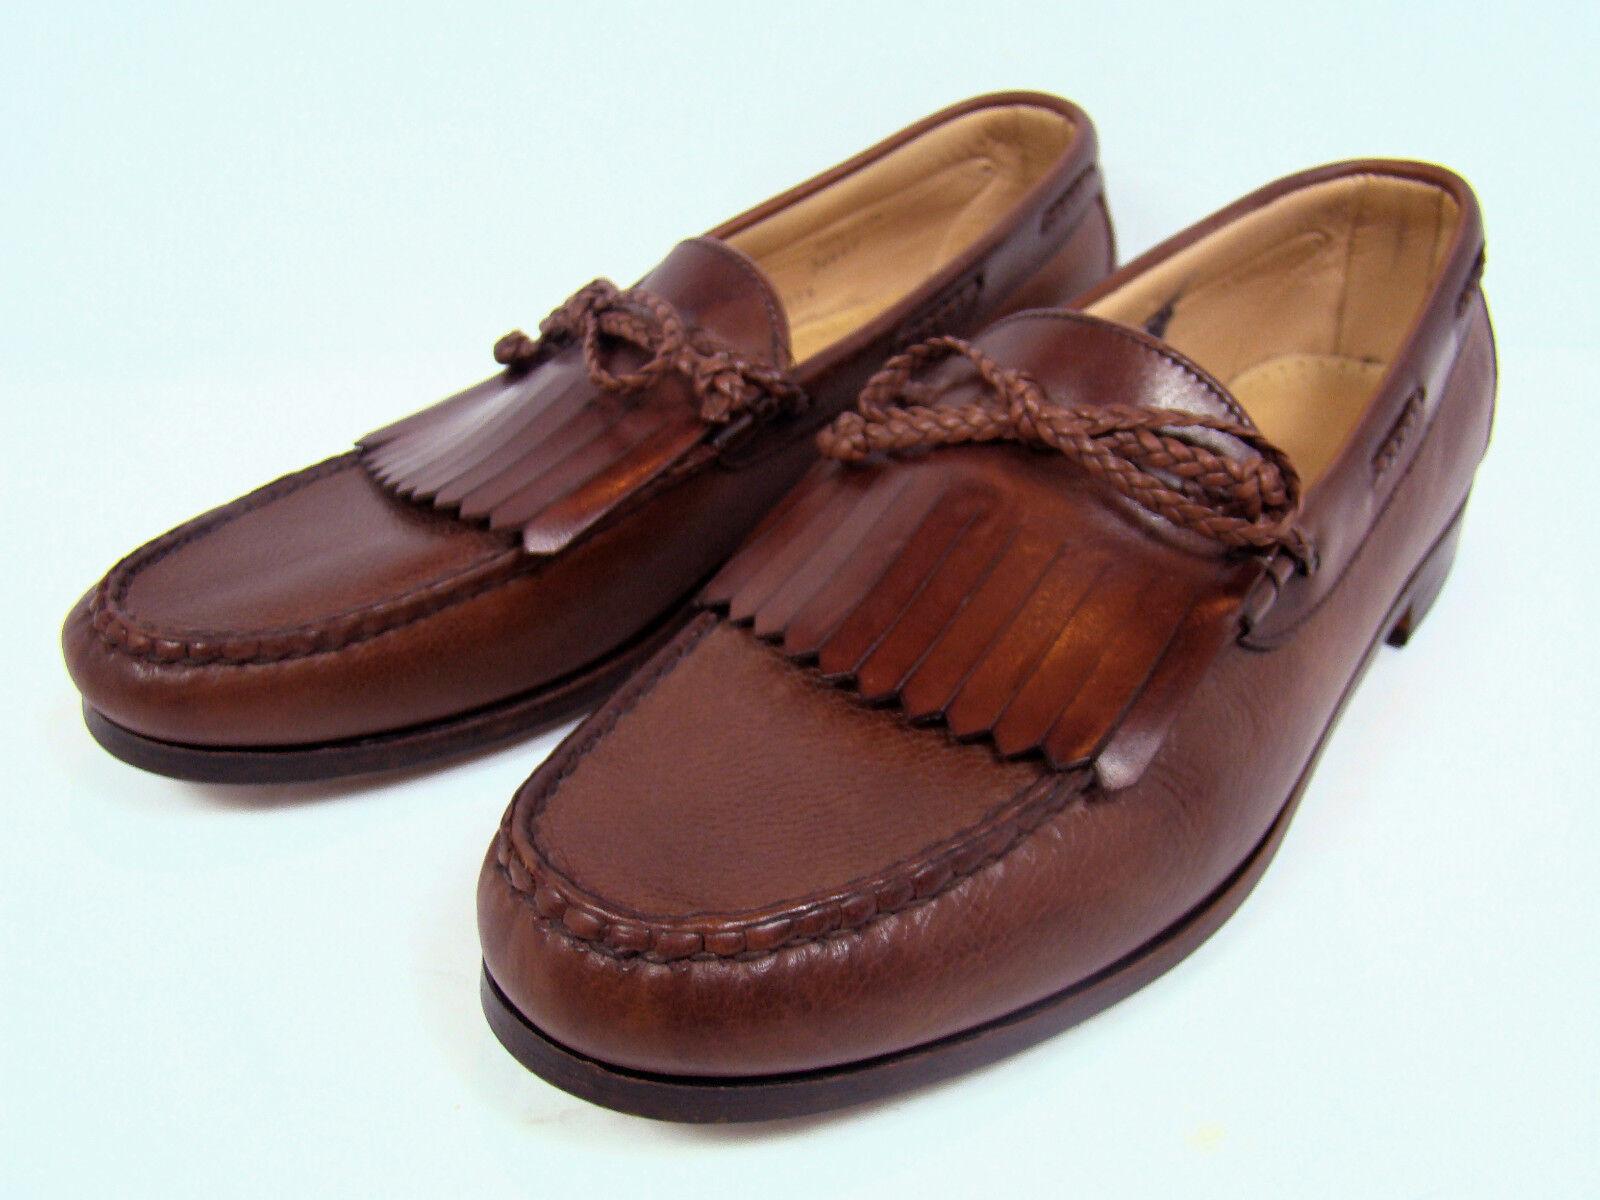 Allen Edmonds Nottingham Men's 11.5 Loafers Brown Leather Kiltie Bow Dress shoes